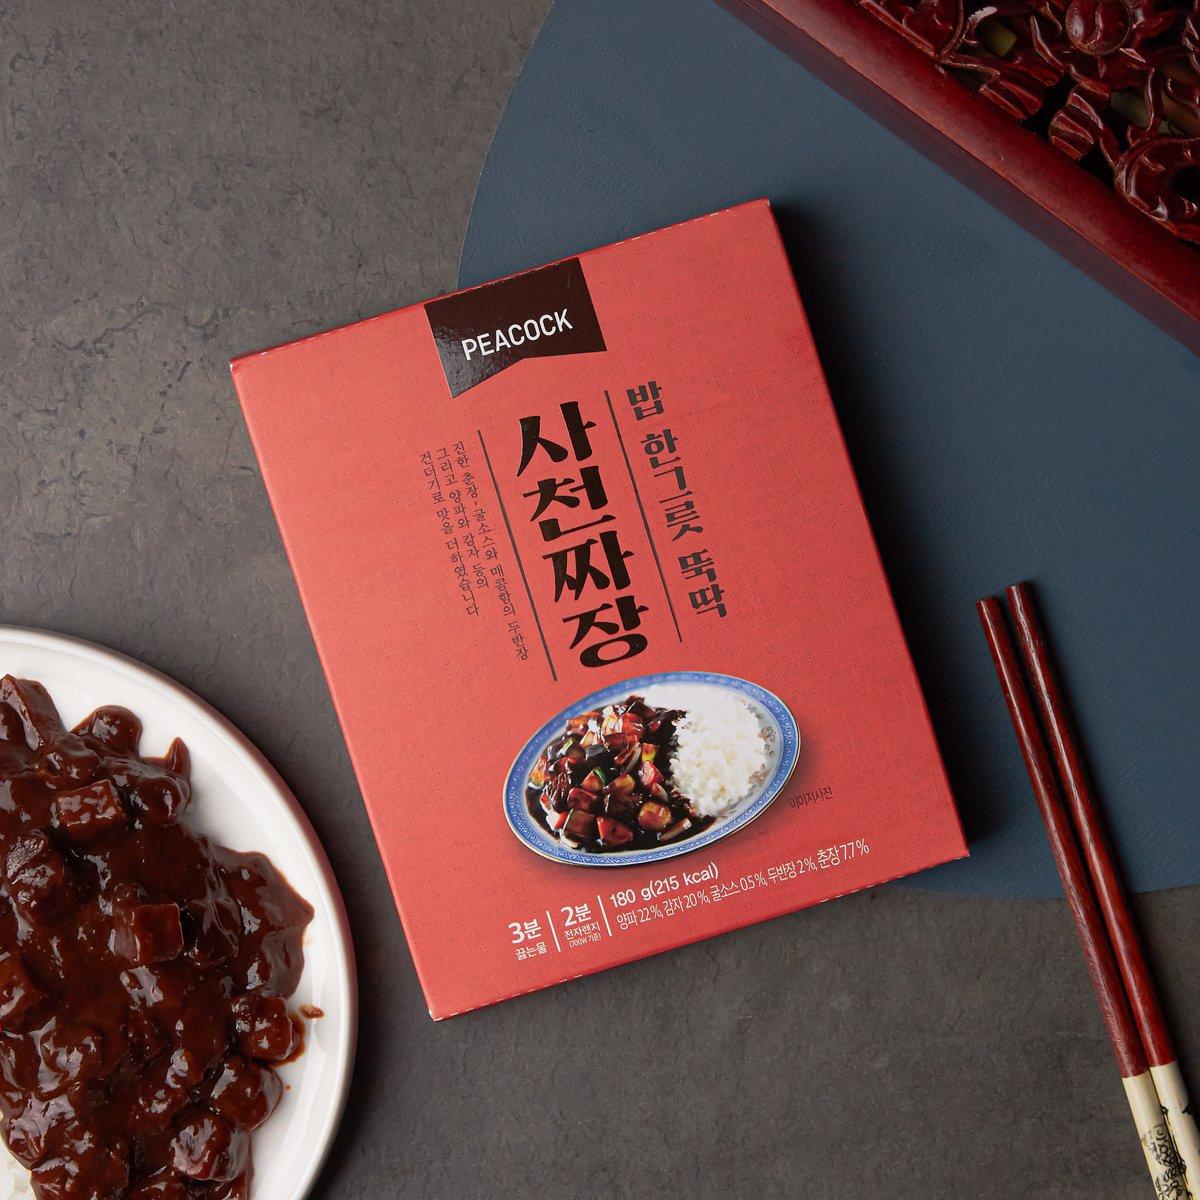 [피코크] 밥 한 그릇 뚝딱 사천 짜장 180g